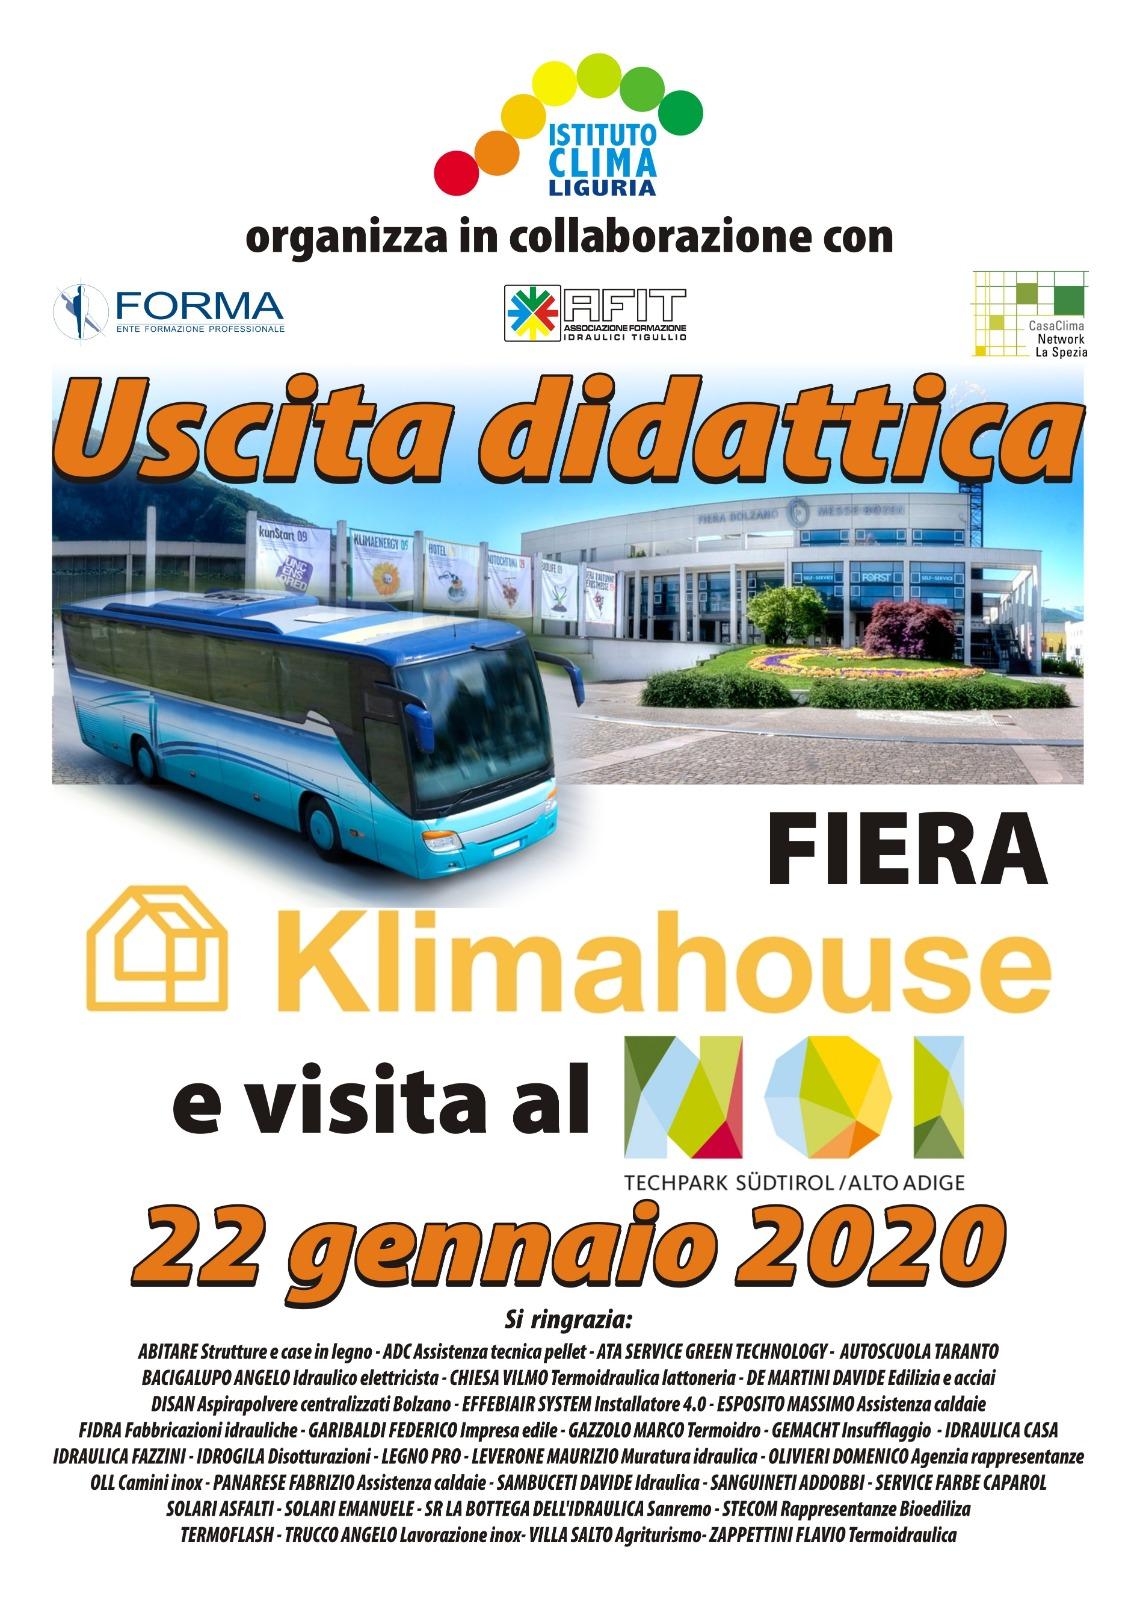 Visita Klimahouse